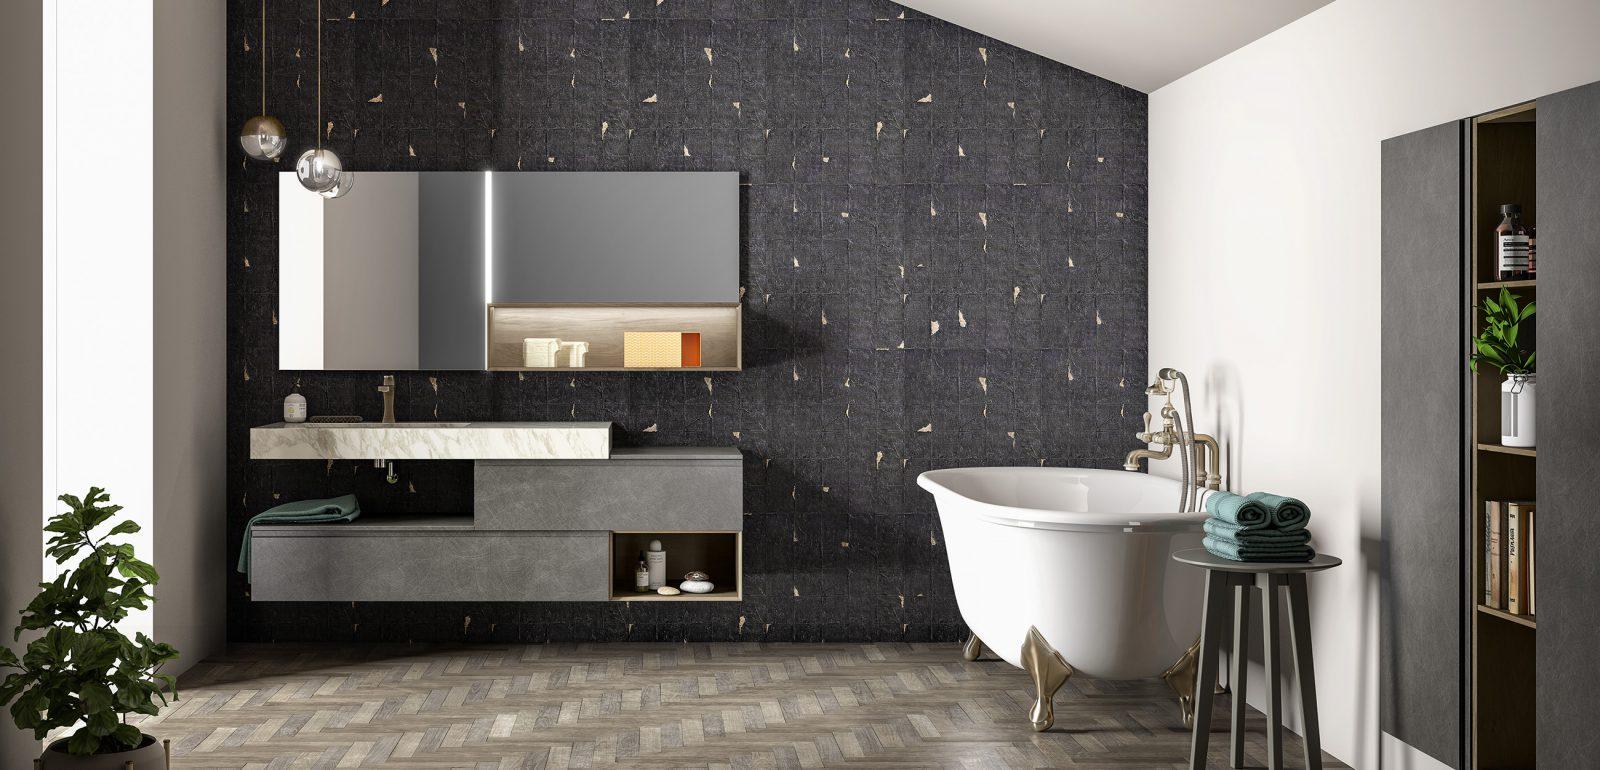 Arredo bagno treviso e provincia mobili di design per il tuo bagno - Arredo bagno arezzo e provincia ...